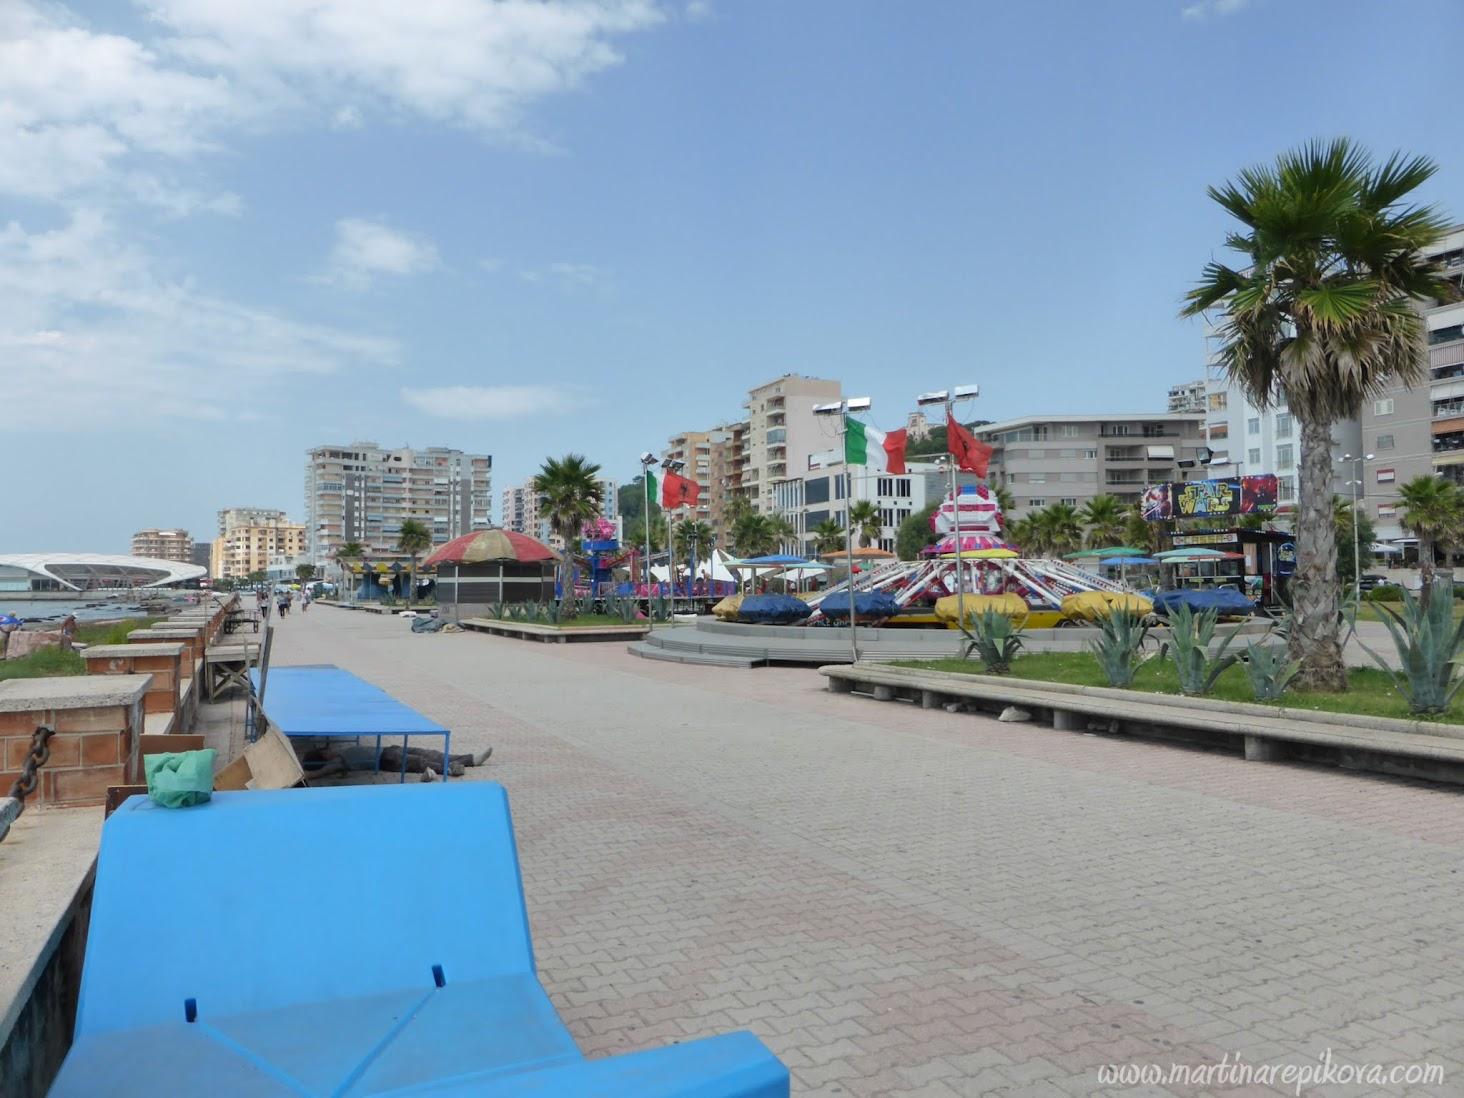 Seaside promenade, Durres, Albania